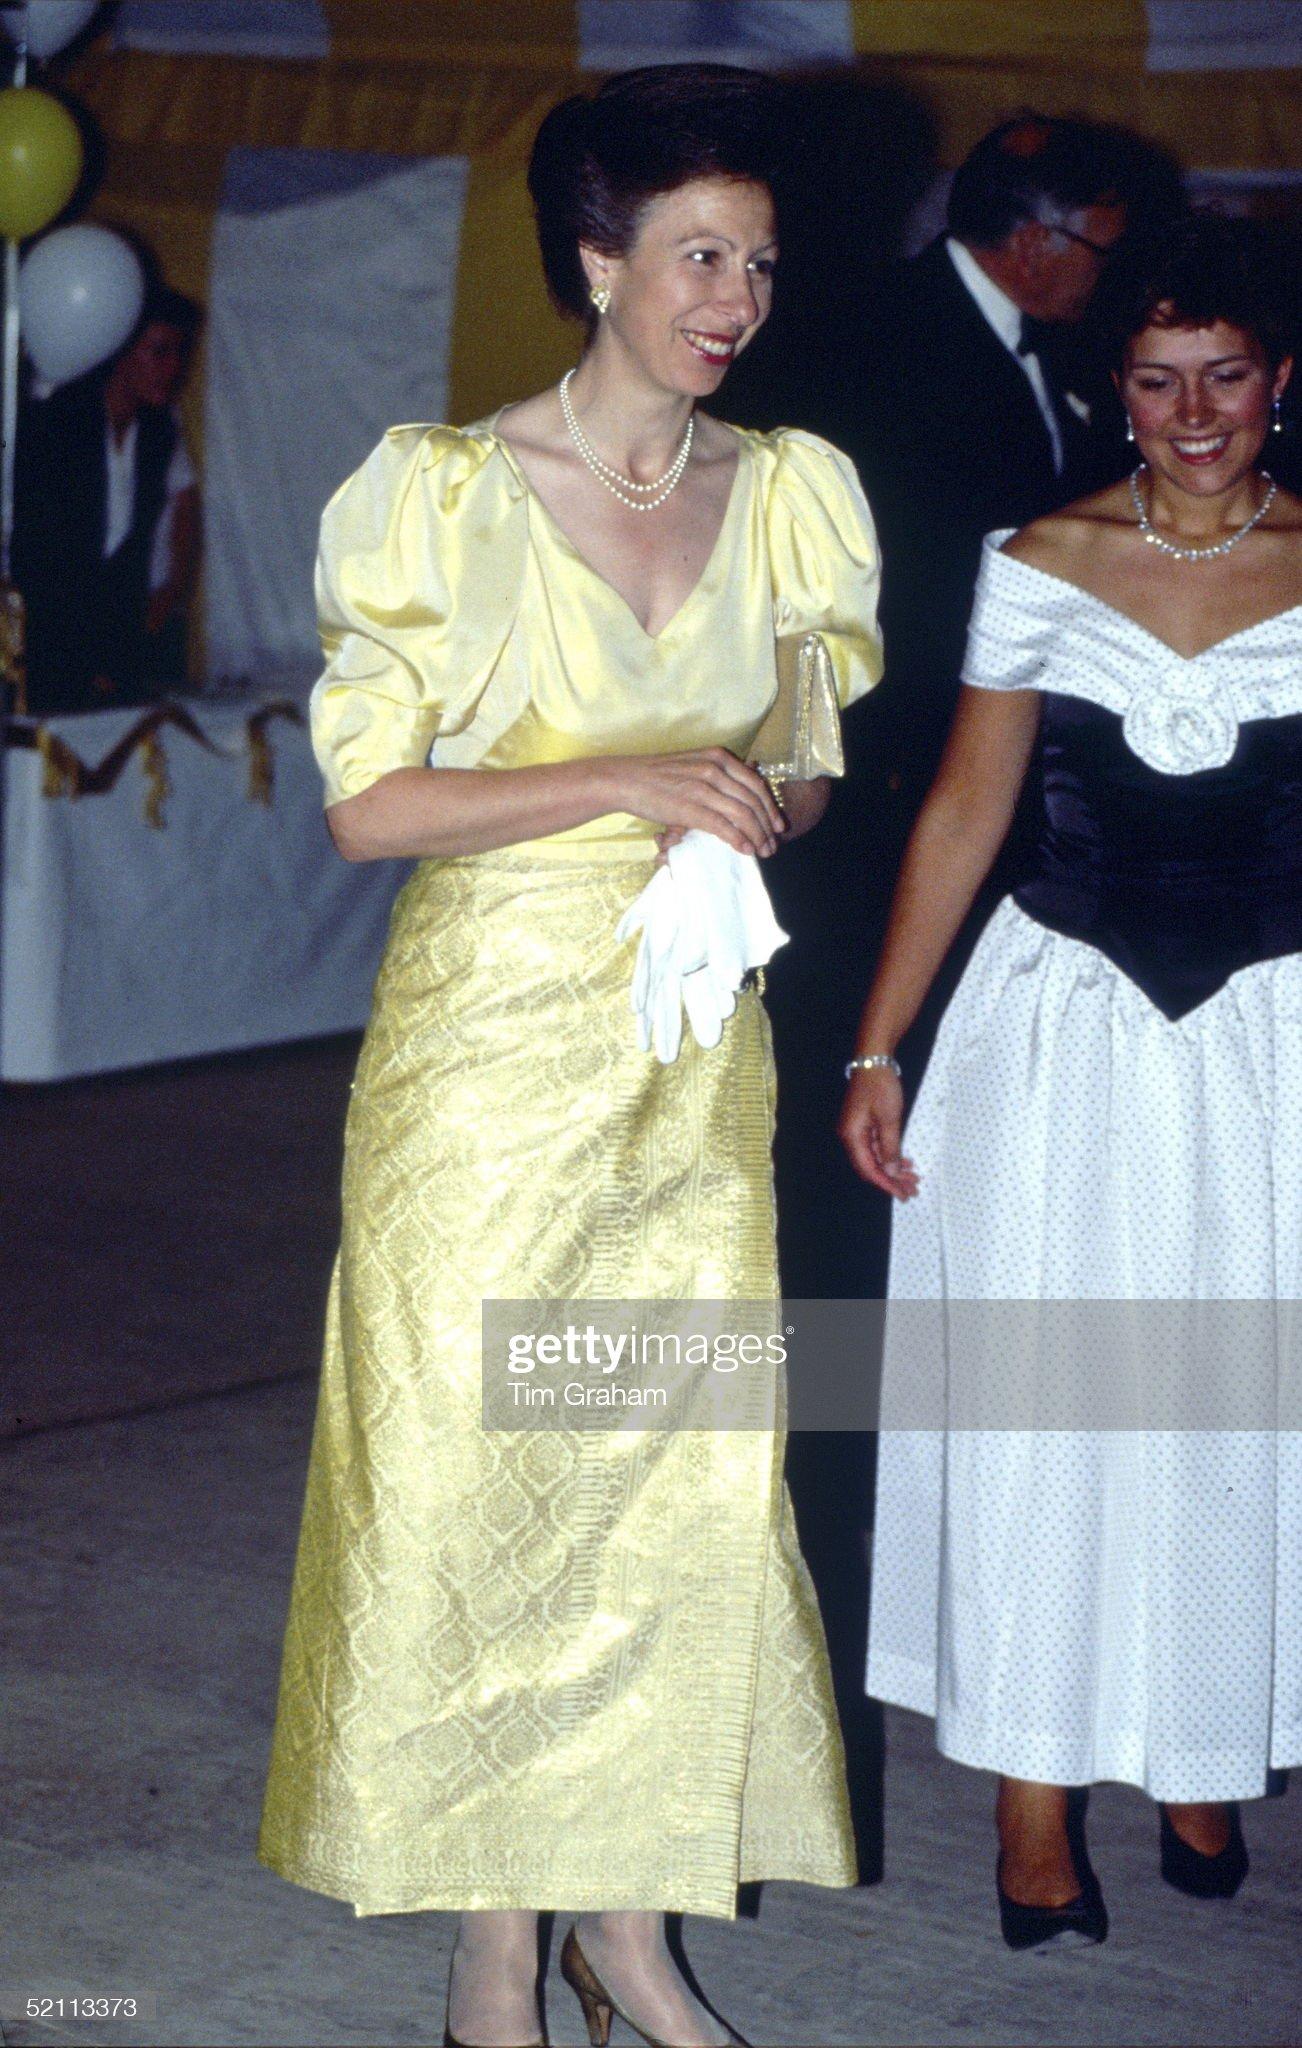 Anne At Ball : News Photo